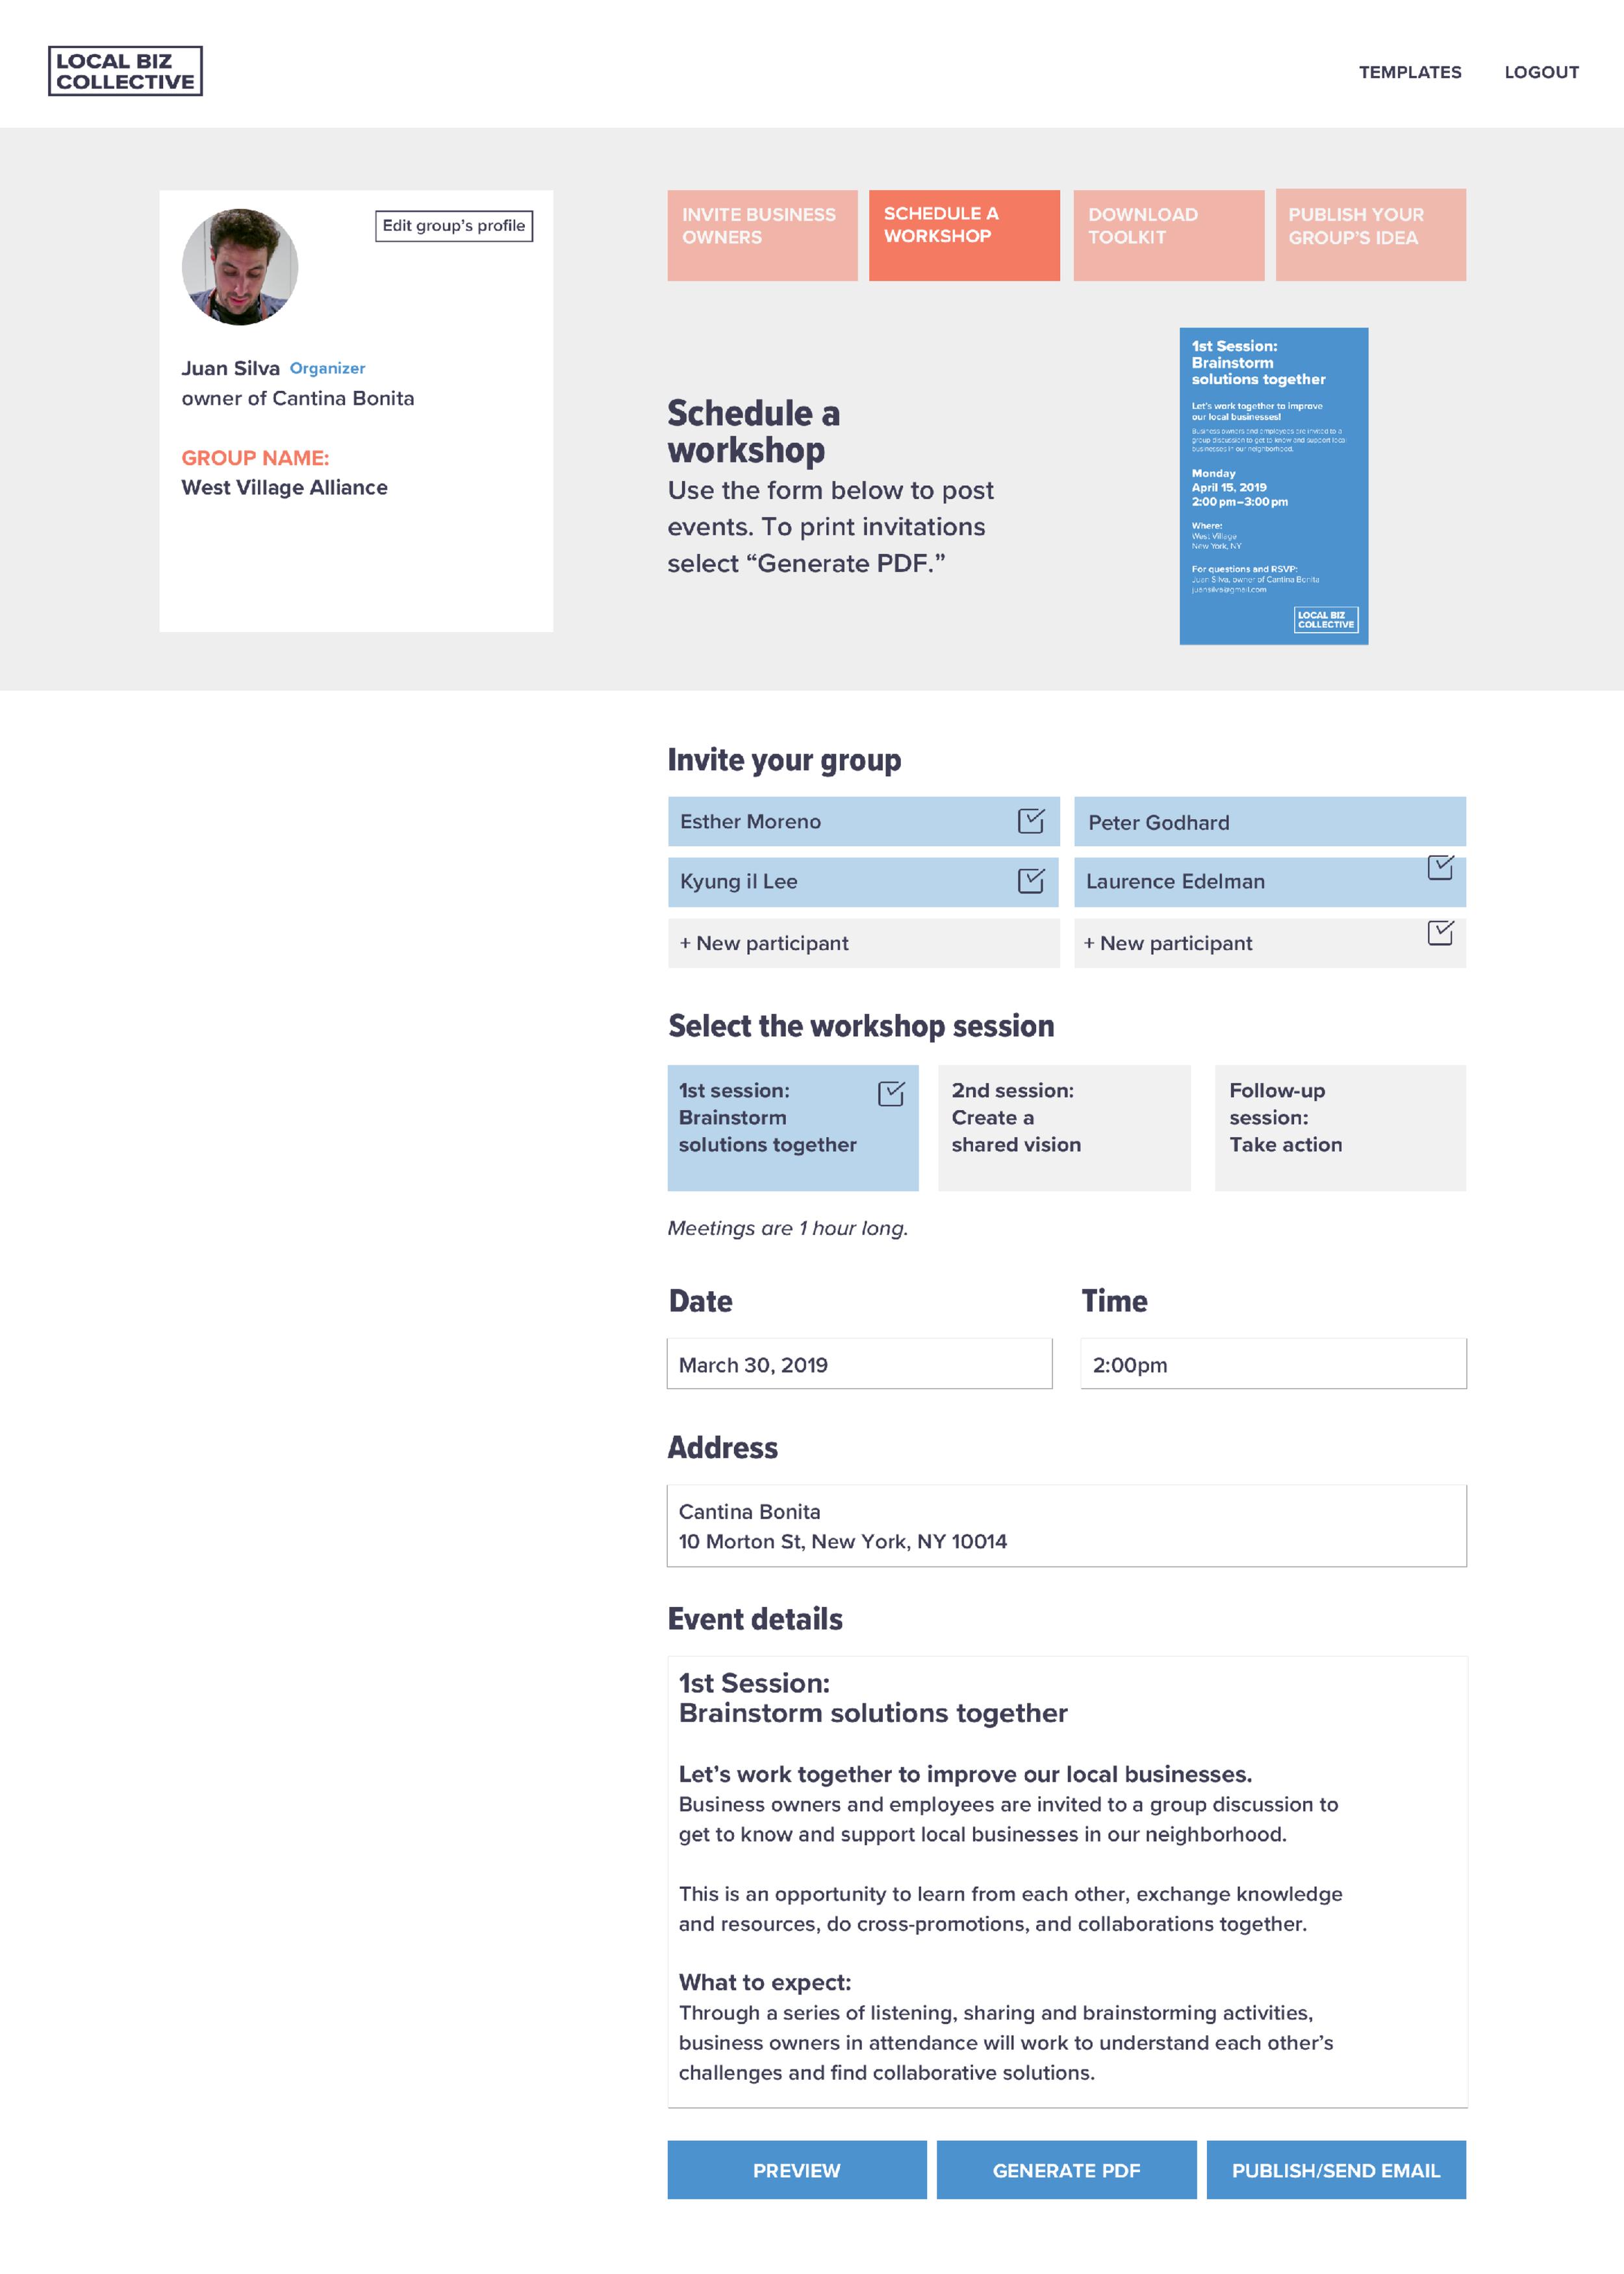 Dashboard: Schedule a workshop